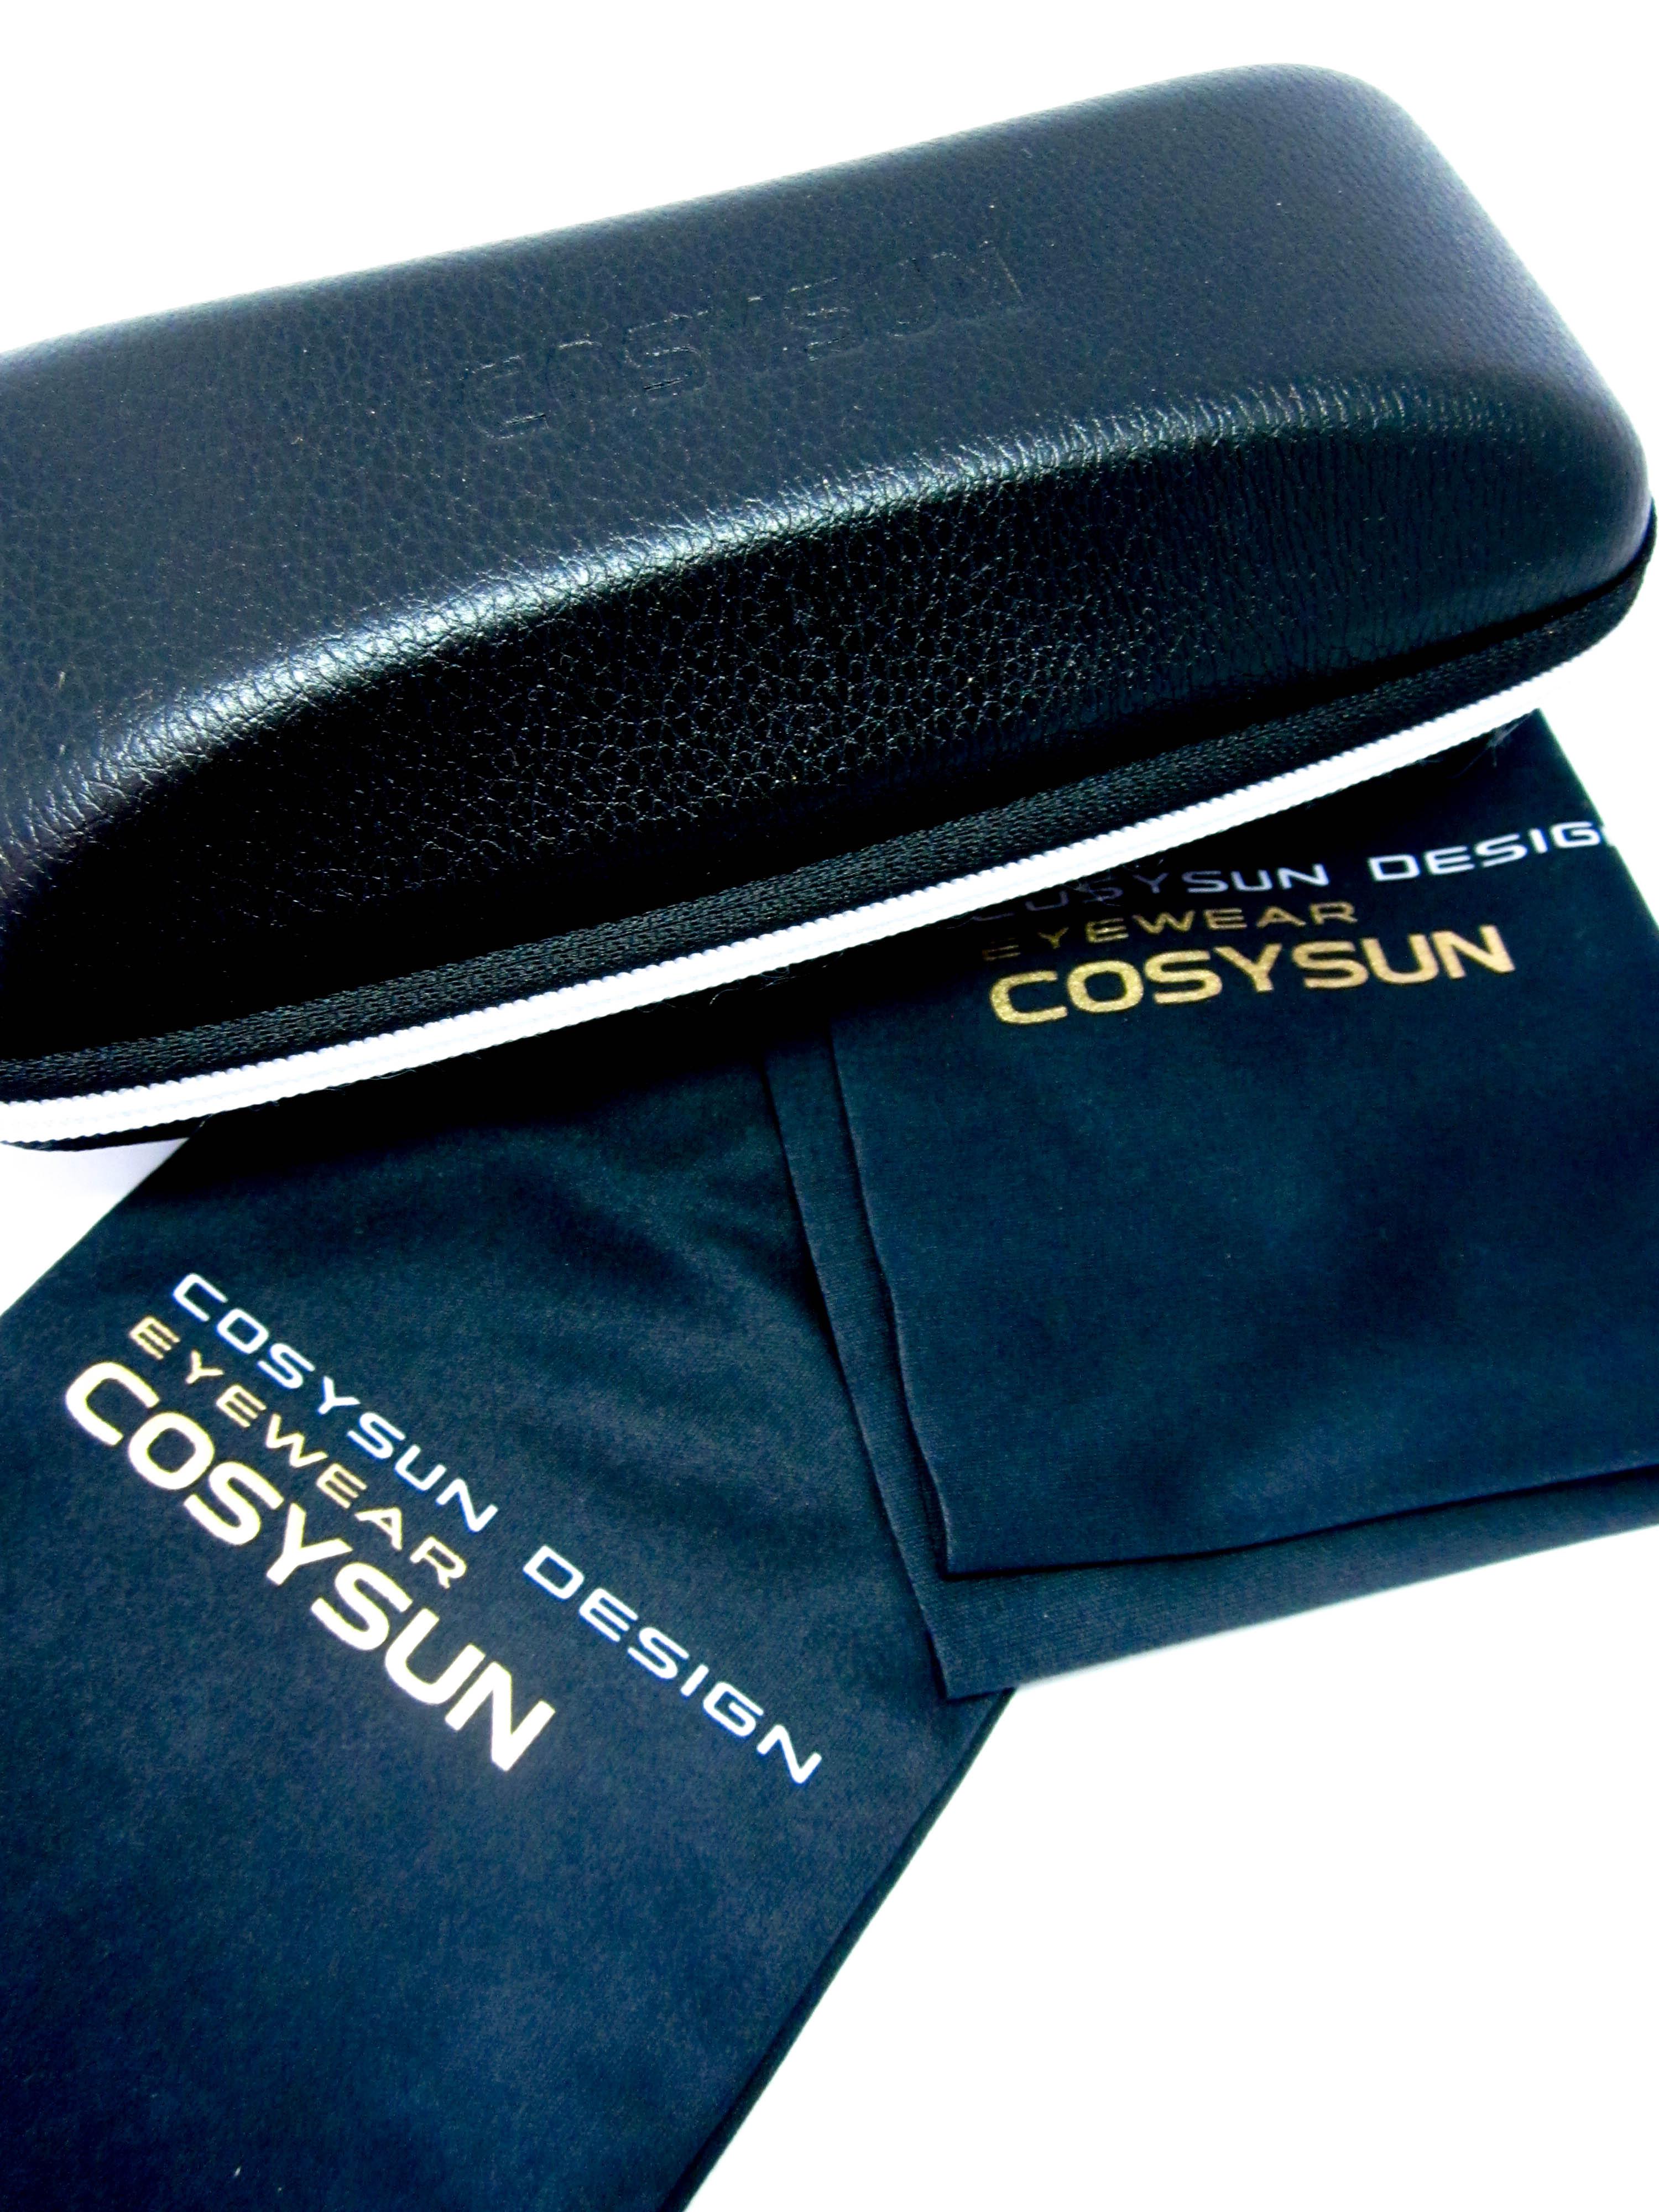 Очки с поляризацией COSYSUN